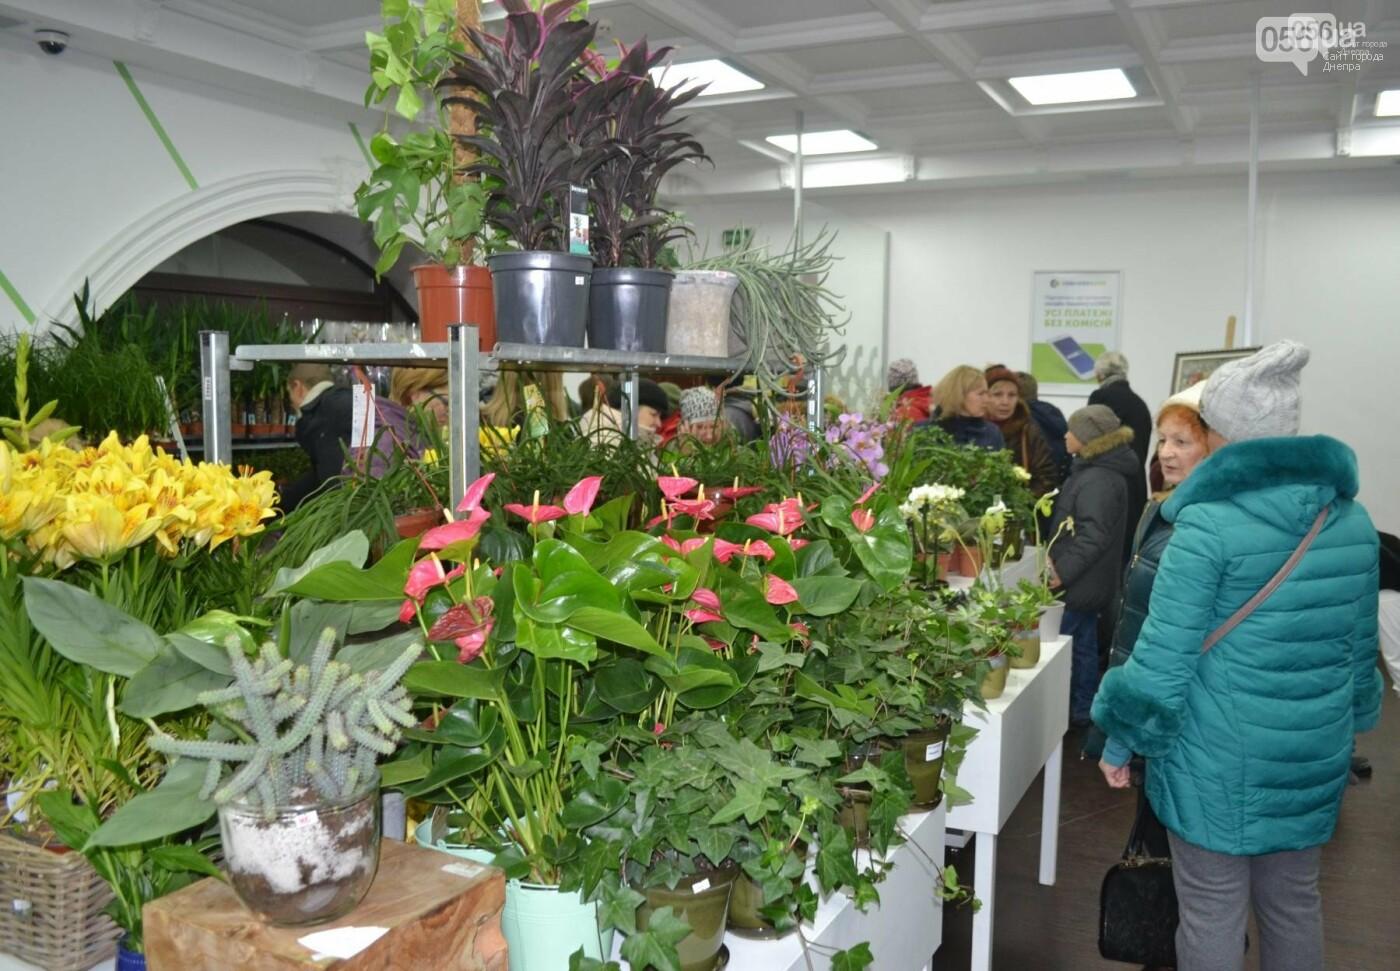 В Днепре благотворительная цветочная барахолка собрала почти 200 тыс грн, фото-1